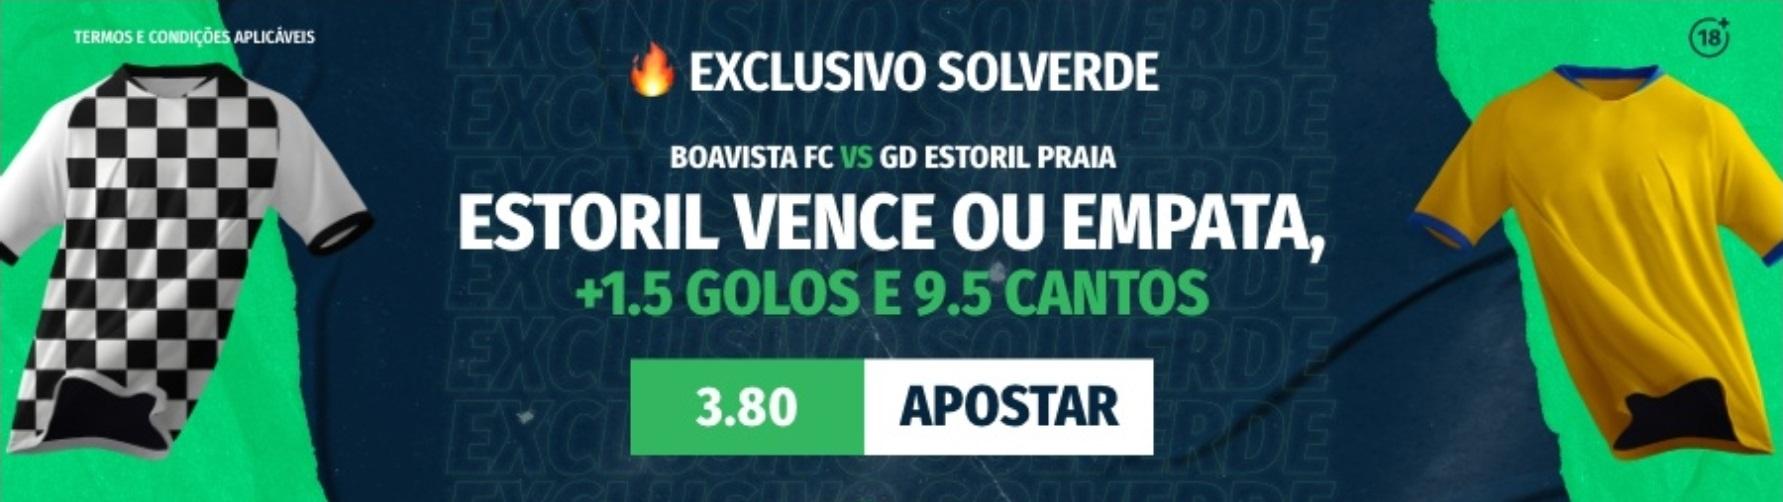 Exclusivos Solverde Portugal